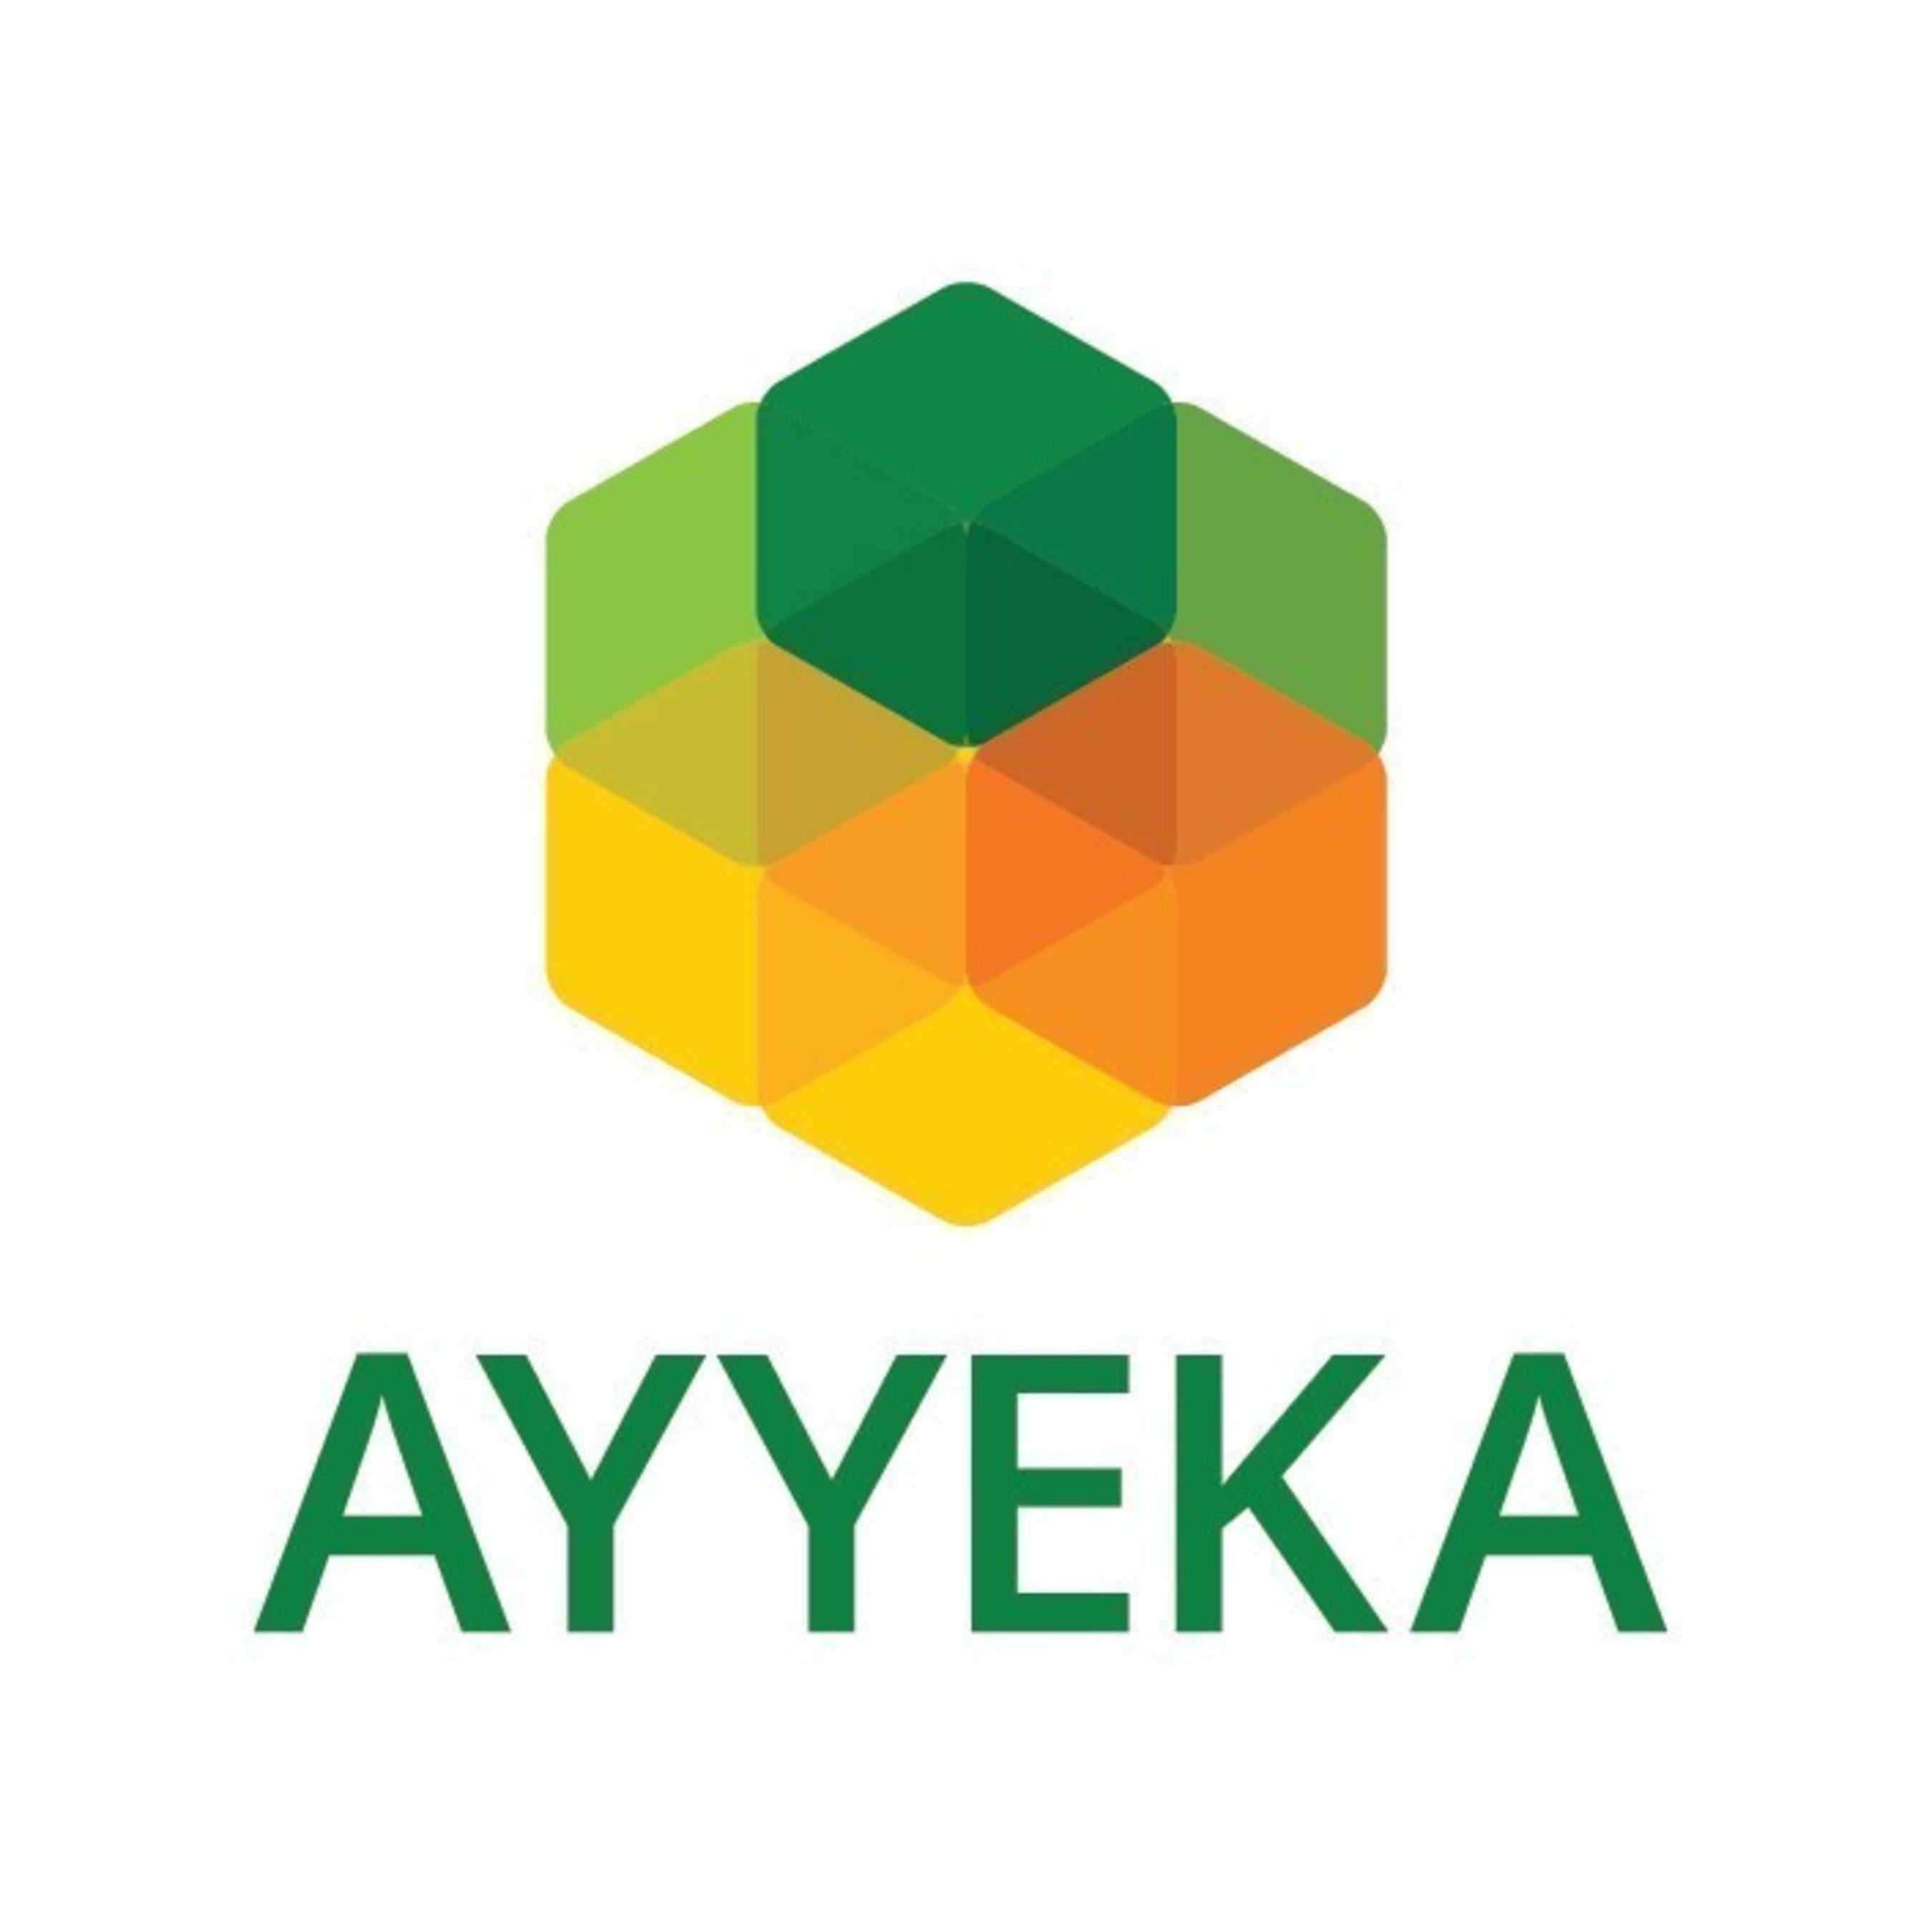 Ayyeka logo.